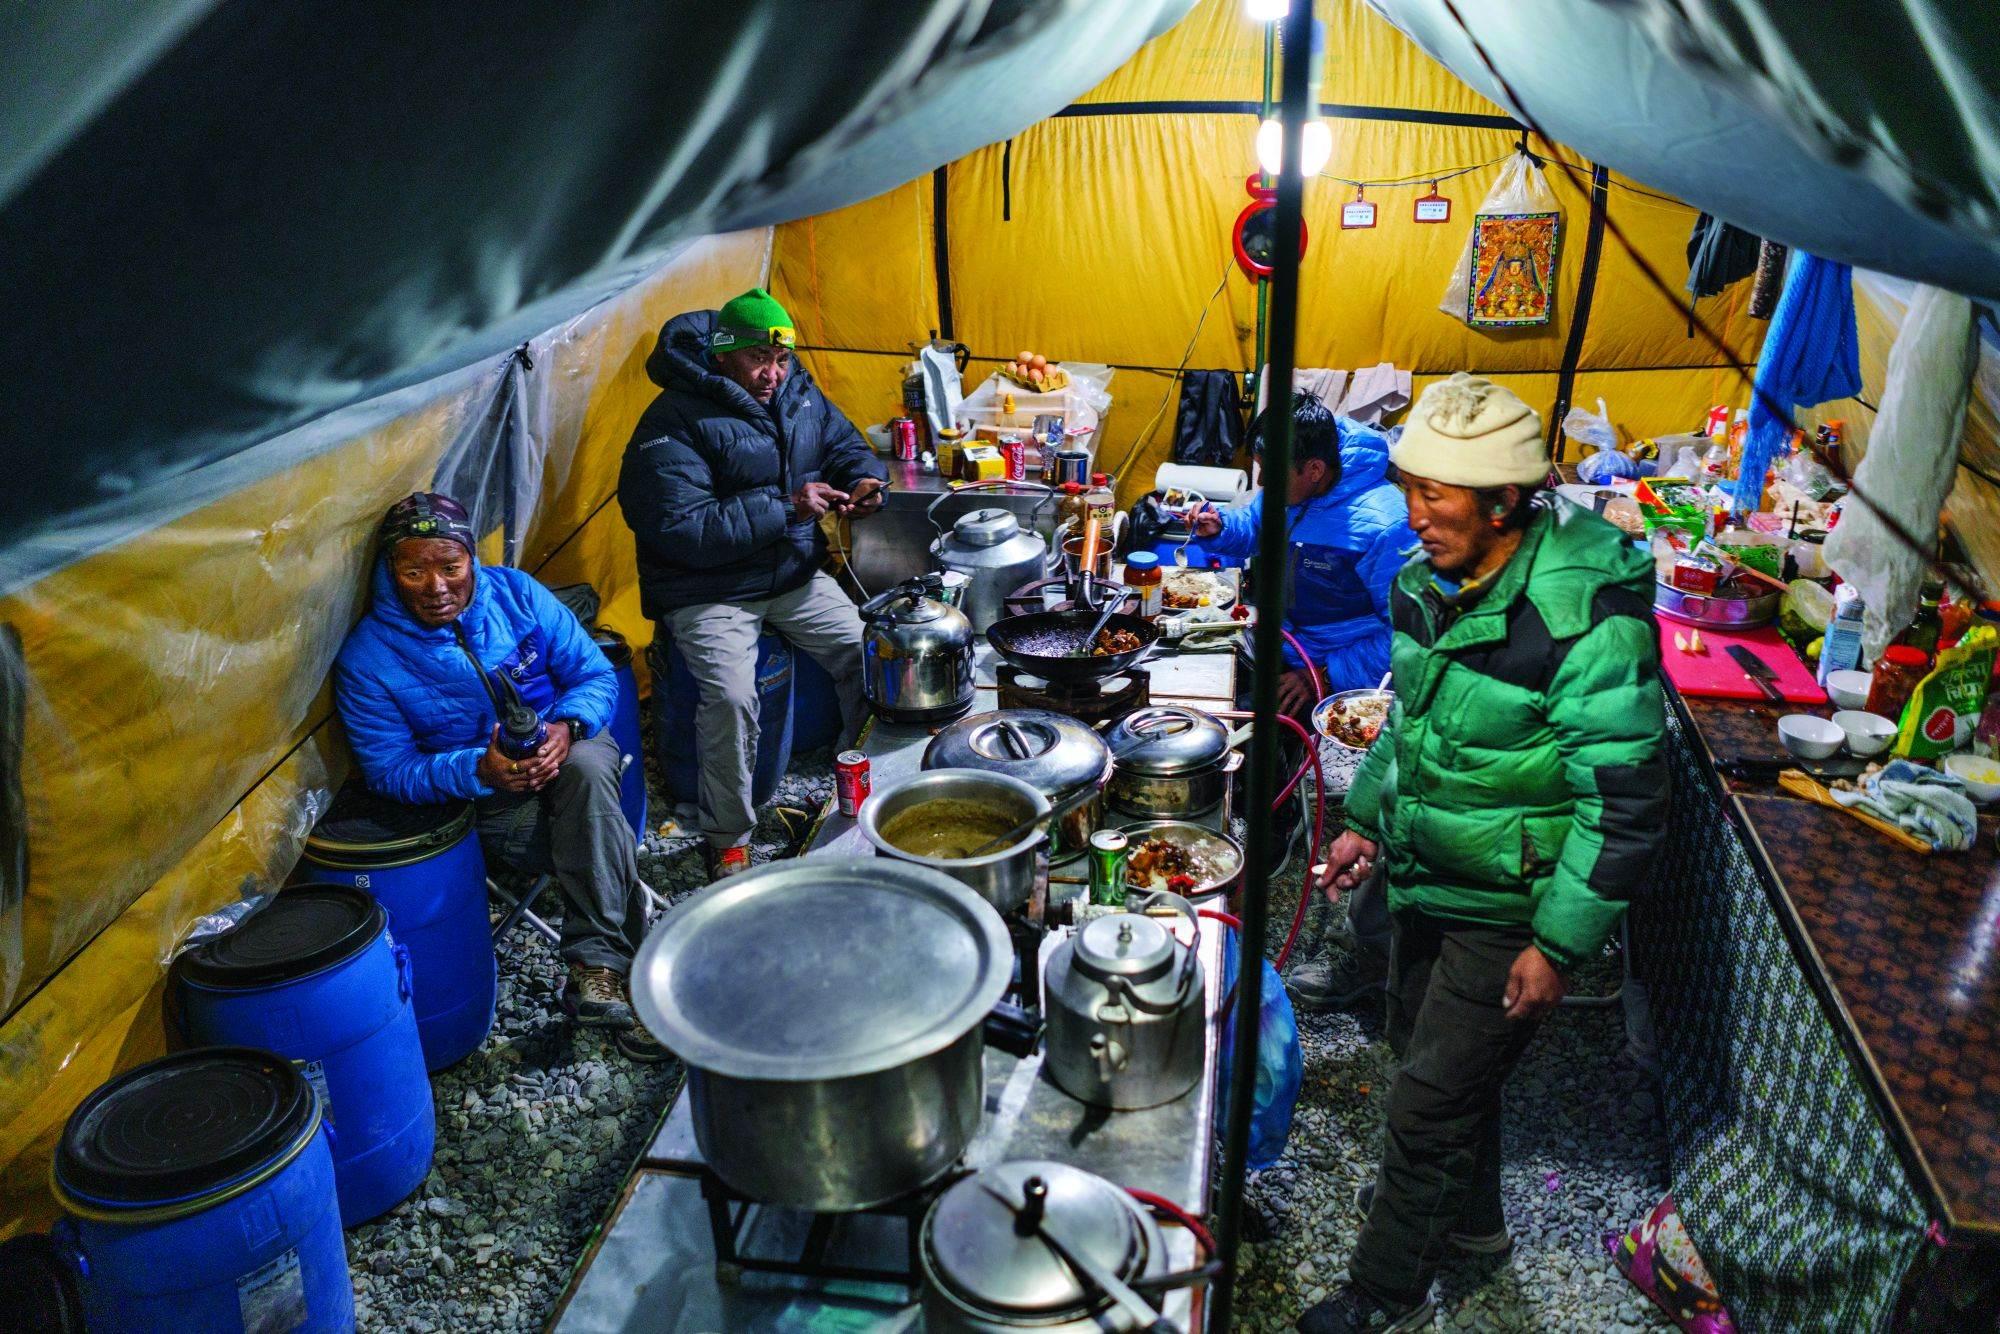 Nakon gužve oko večere ekipa kuvara odmara se s gostima. Nepalski kuvar Bire Tamang (pozadi desno) i njegov tibetanski pomoćnik Čhumbi (desno) pripremaju ukusna jela od pirinča i sočiva, supu i knedle za 30 do 40 ljudi dnevno, uključujući i Da Geldže (Dava) Šerpu (pozadi levo), koji je vođa ekipe nosača, i Pasang Gomba Šerpu, privatnog vodiča.